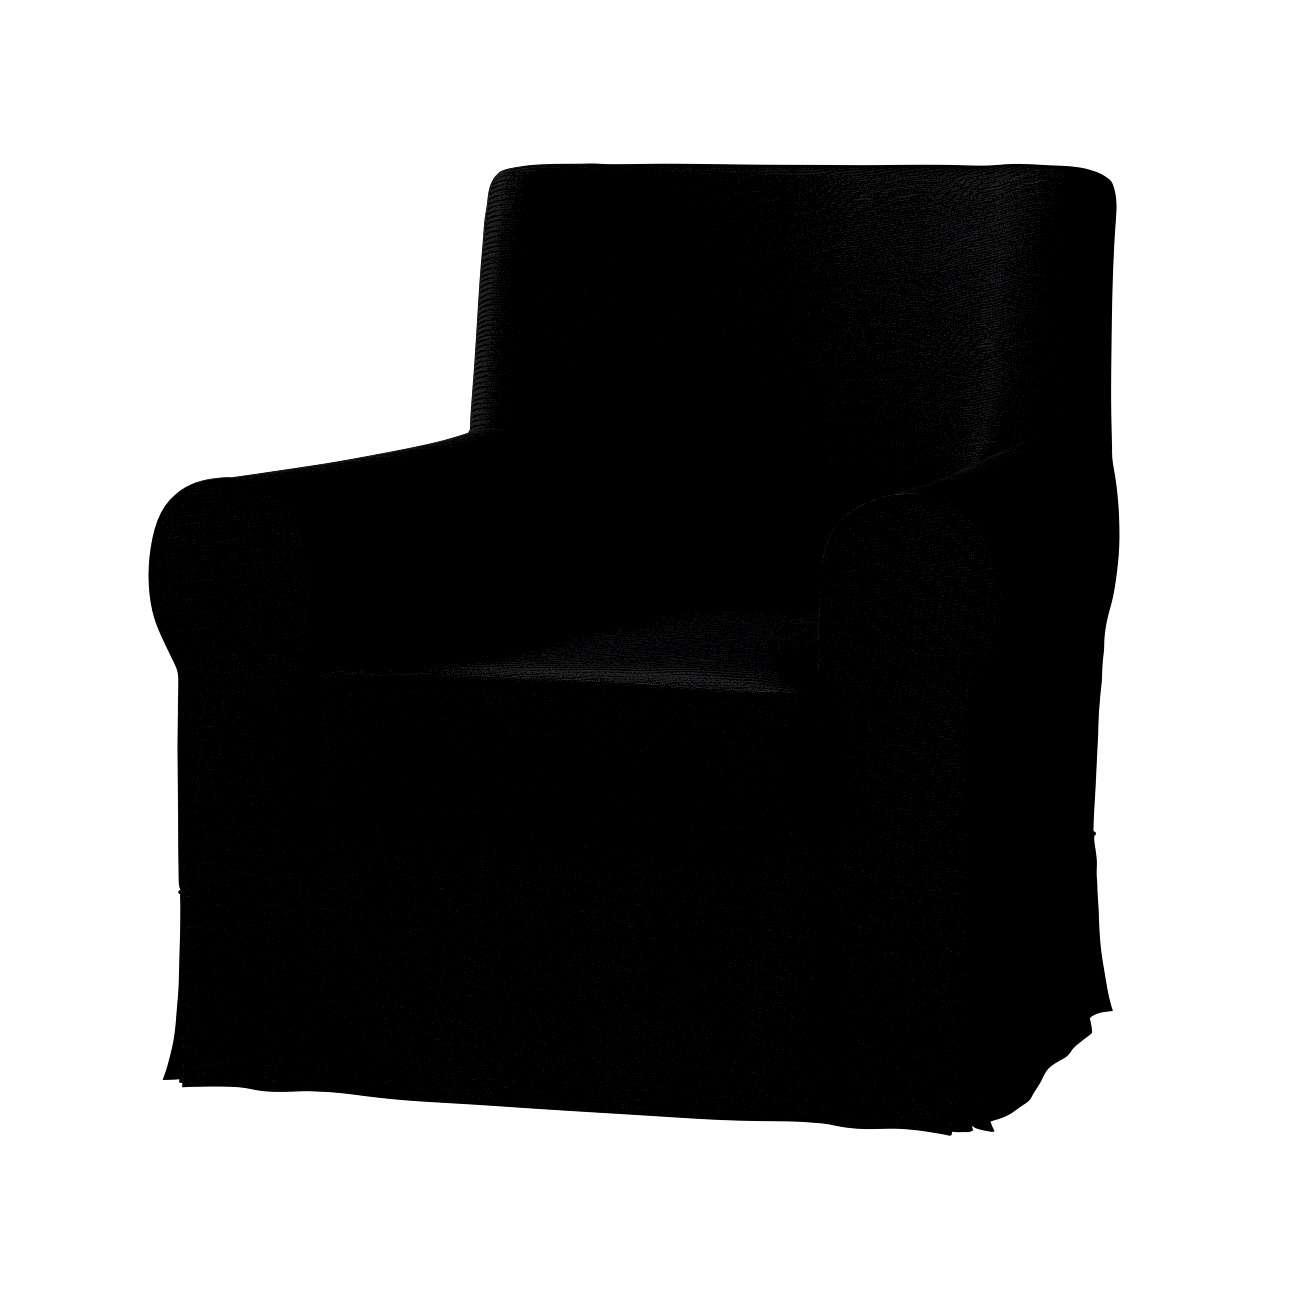 Ektorp Jennylund Sesselbezug Sesselhusse, Ektorp Jennylund von der Kollektion Etna, Stoff: 705-00